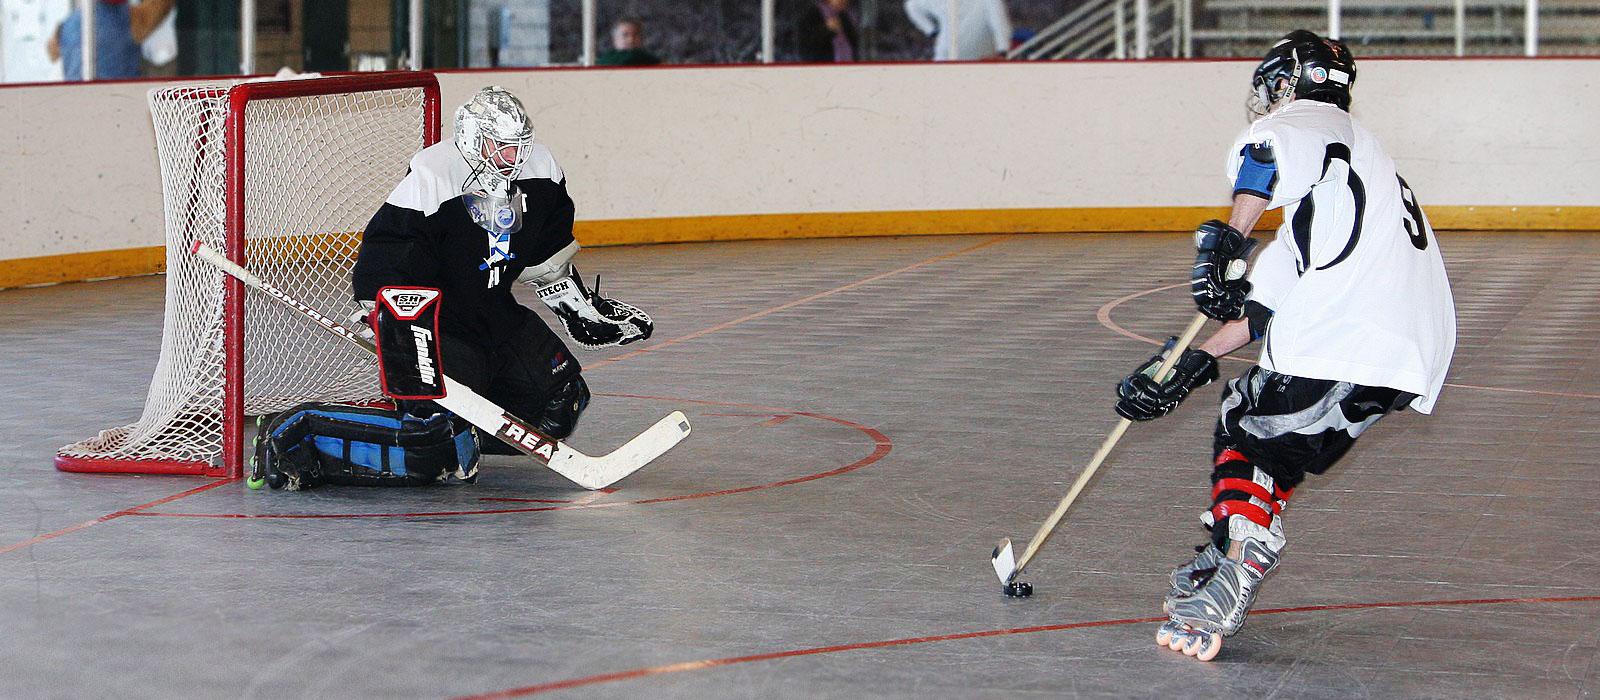 Dos equipos juegan Hockey en una de las pistas de hockey de SnapSports